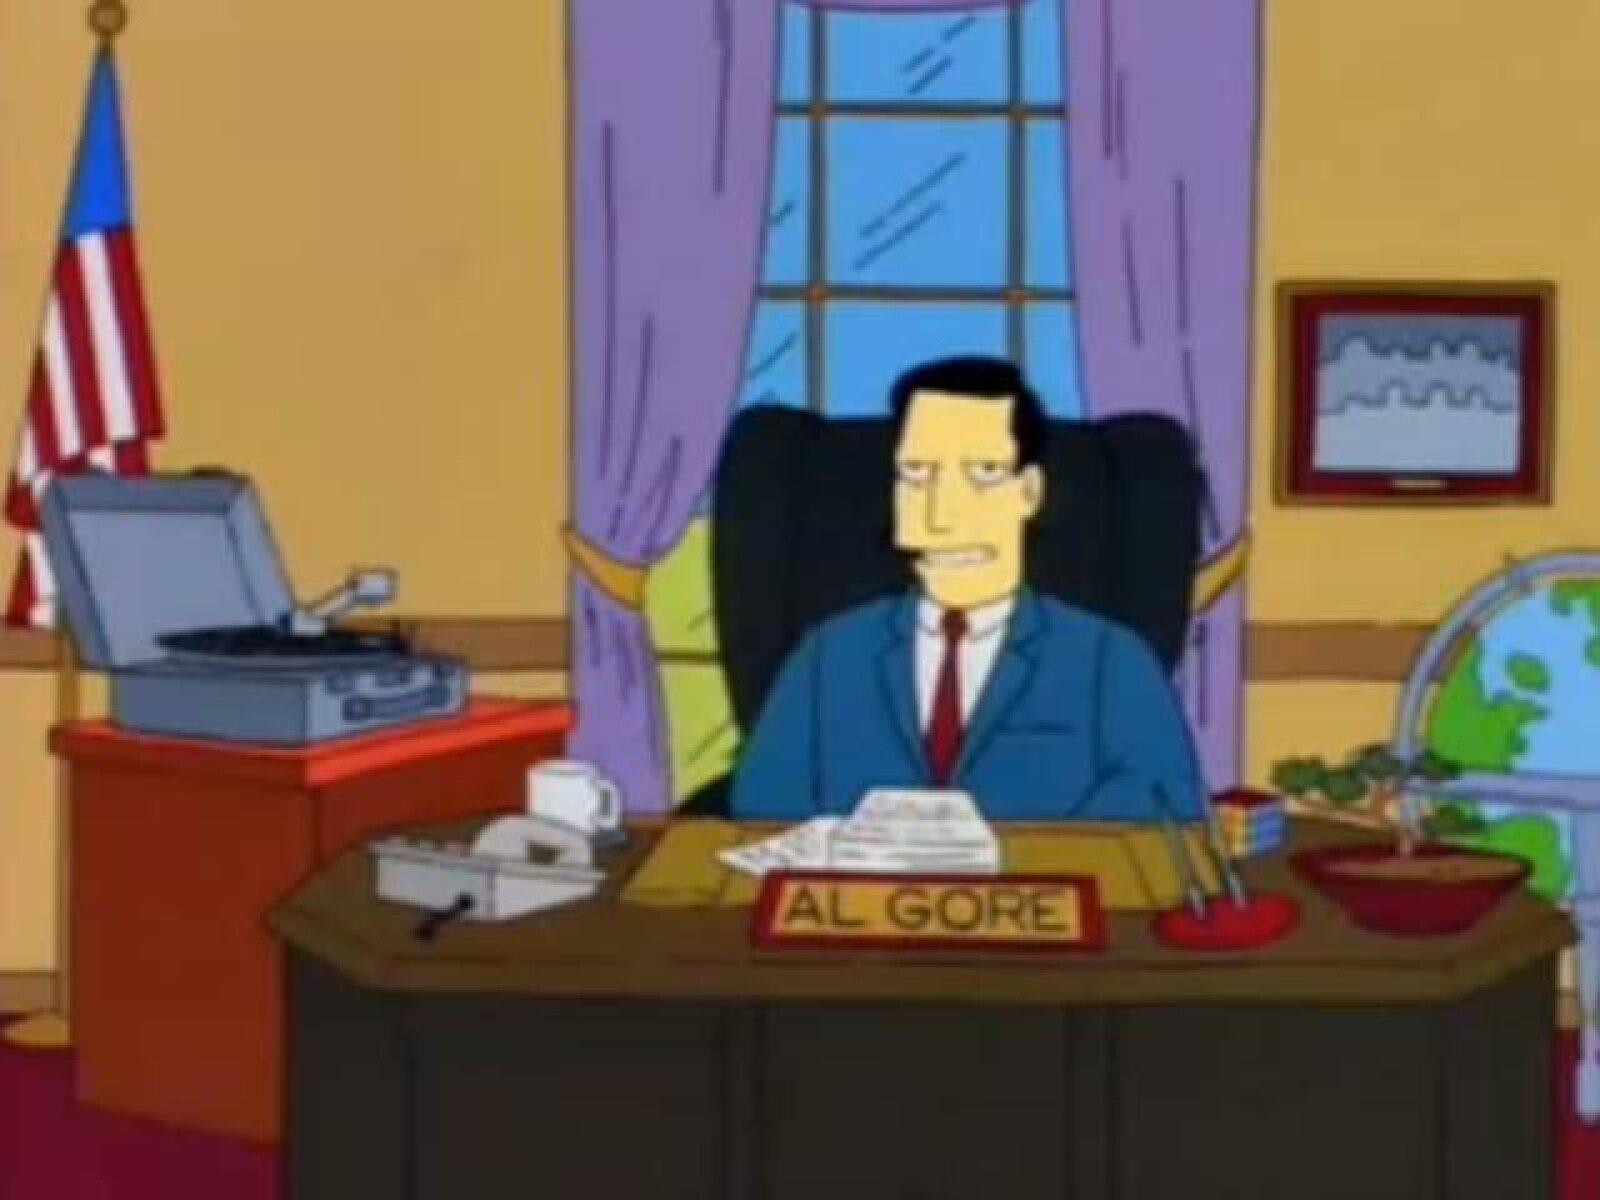 Al Gore.